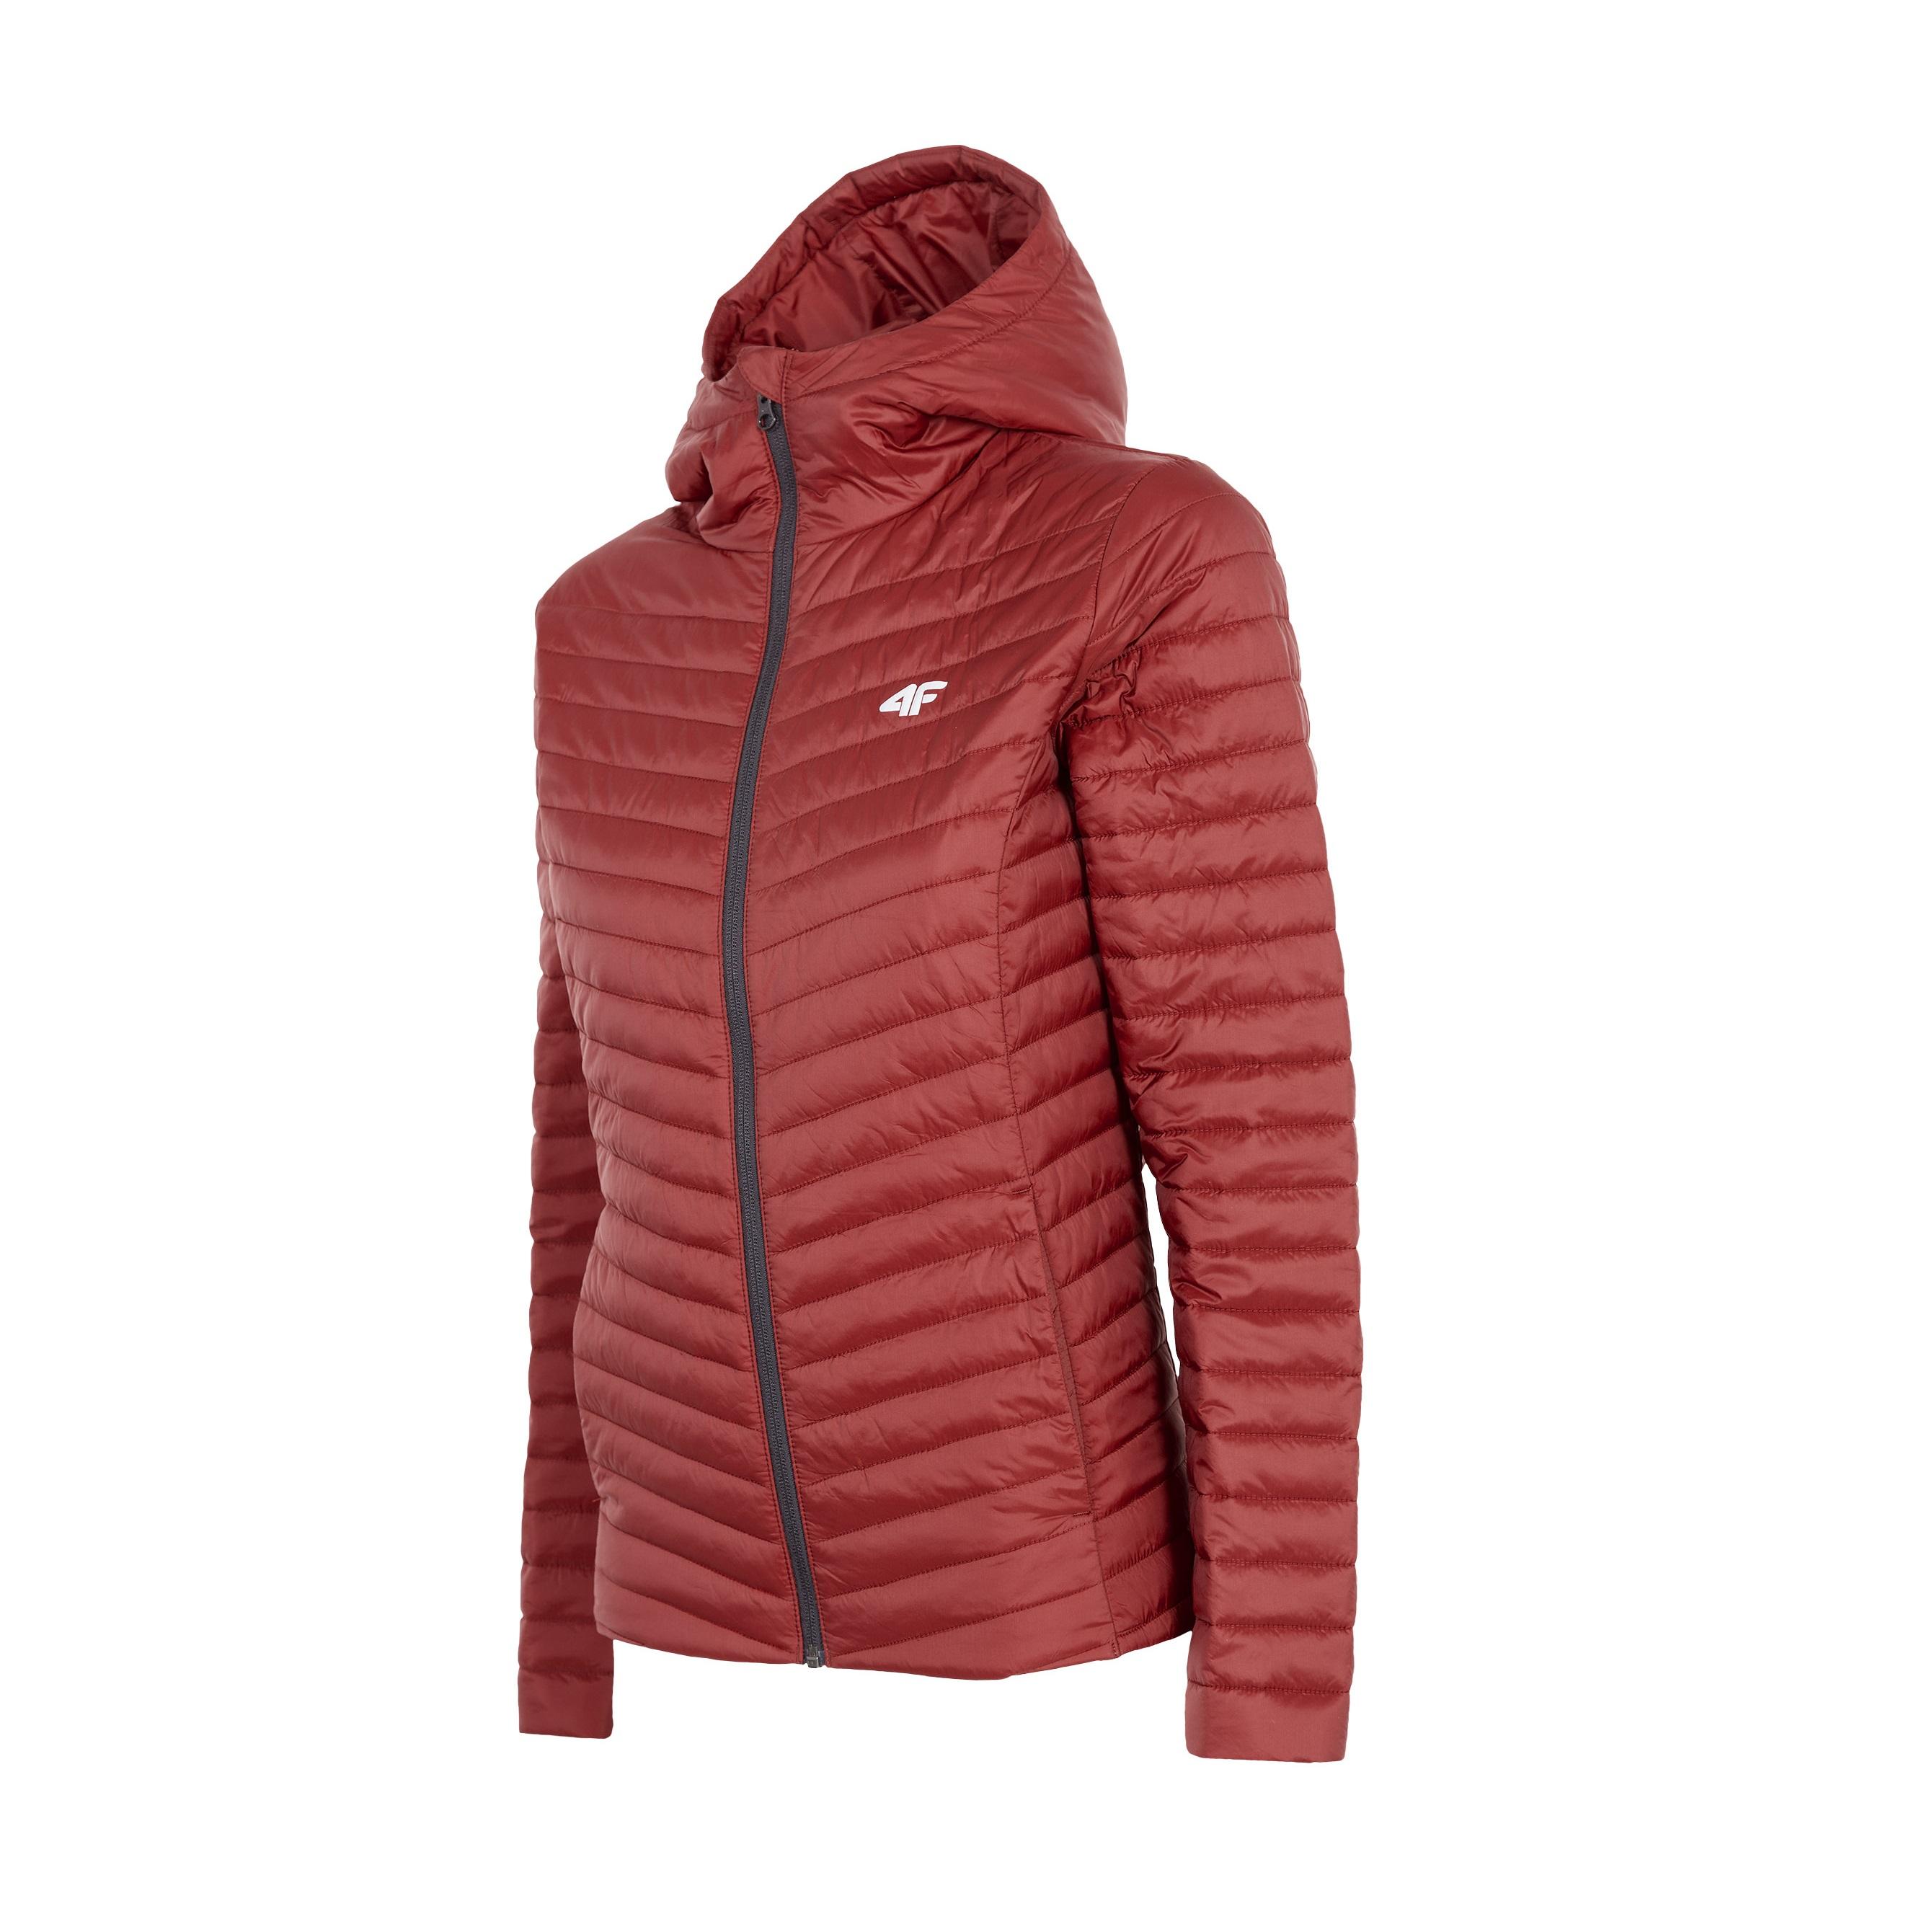 Îmbrăcăminte Iarnă -  4f Women Primaloft Jacket KUDP004